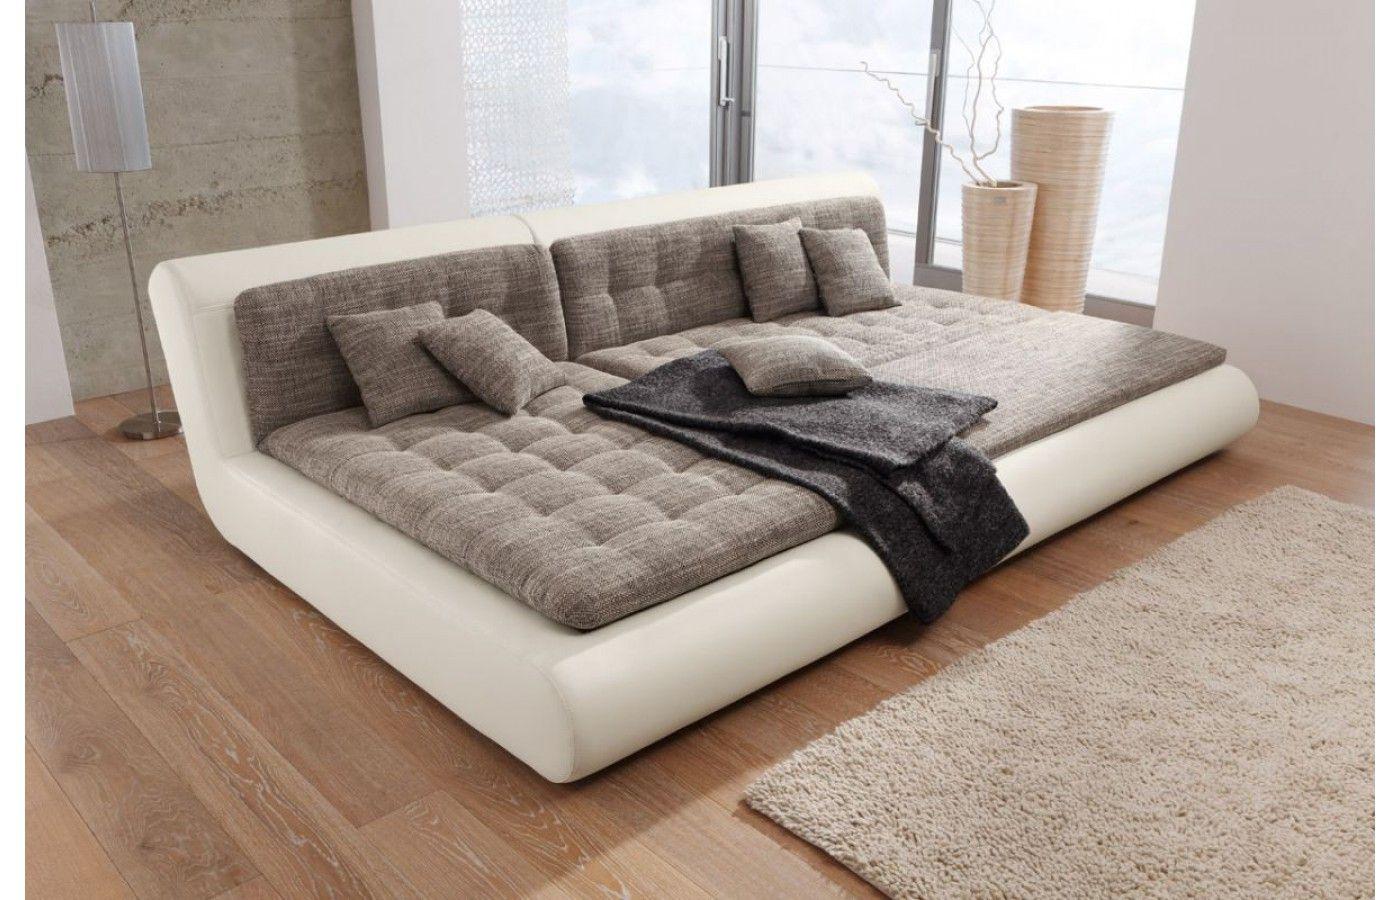 Einfache Dekoration Und Mobel Gunstige Ecksofas #16: Genial Ecksofa Mit Bettfunktion Günstig Kaufen